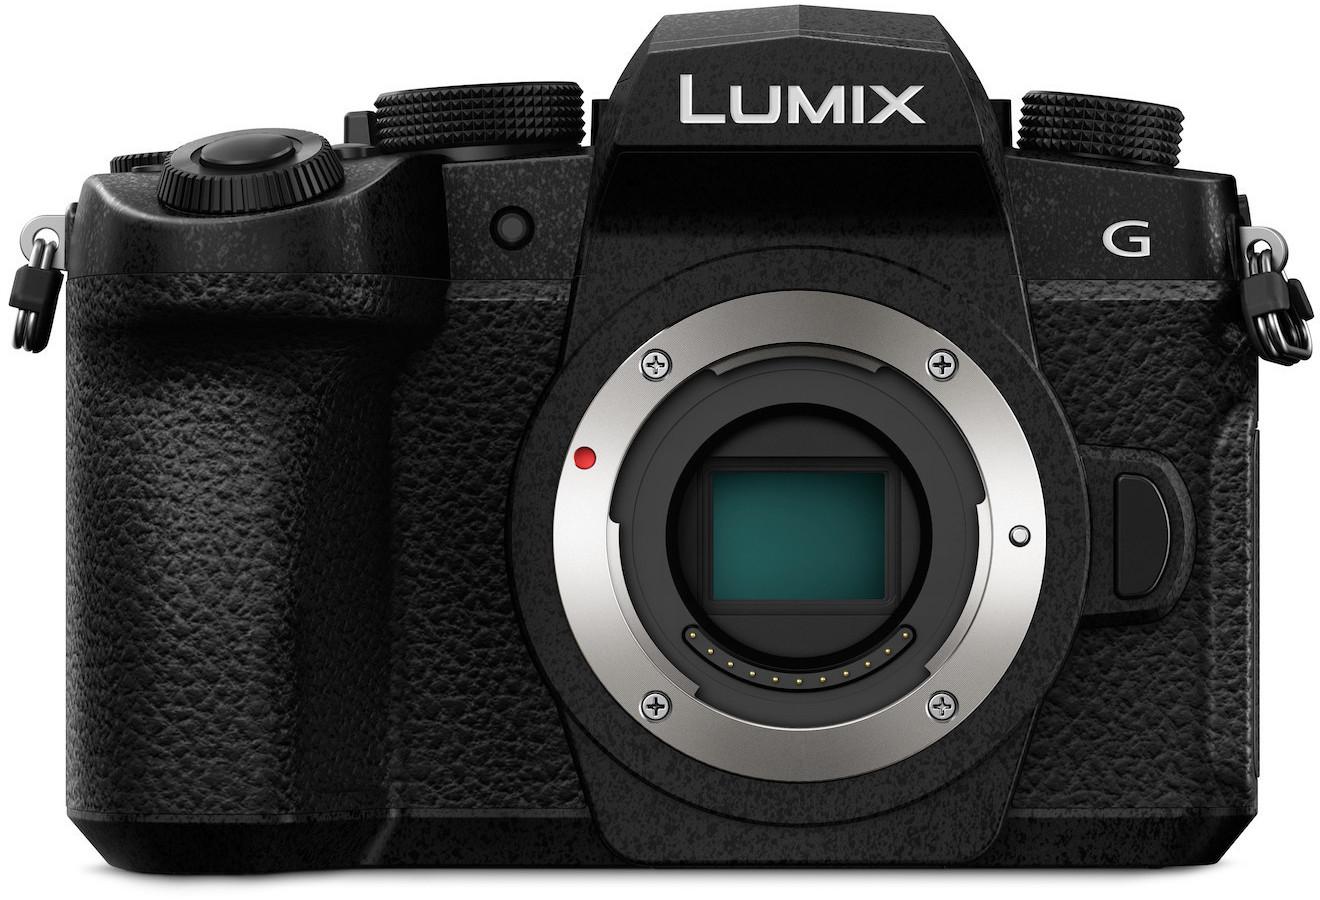 Appareil Photo Panasonic Lumix G91 - Boitier µ4/3 nu destiné au marché Allemand